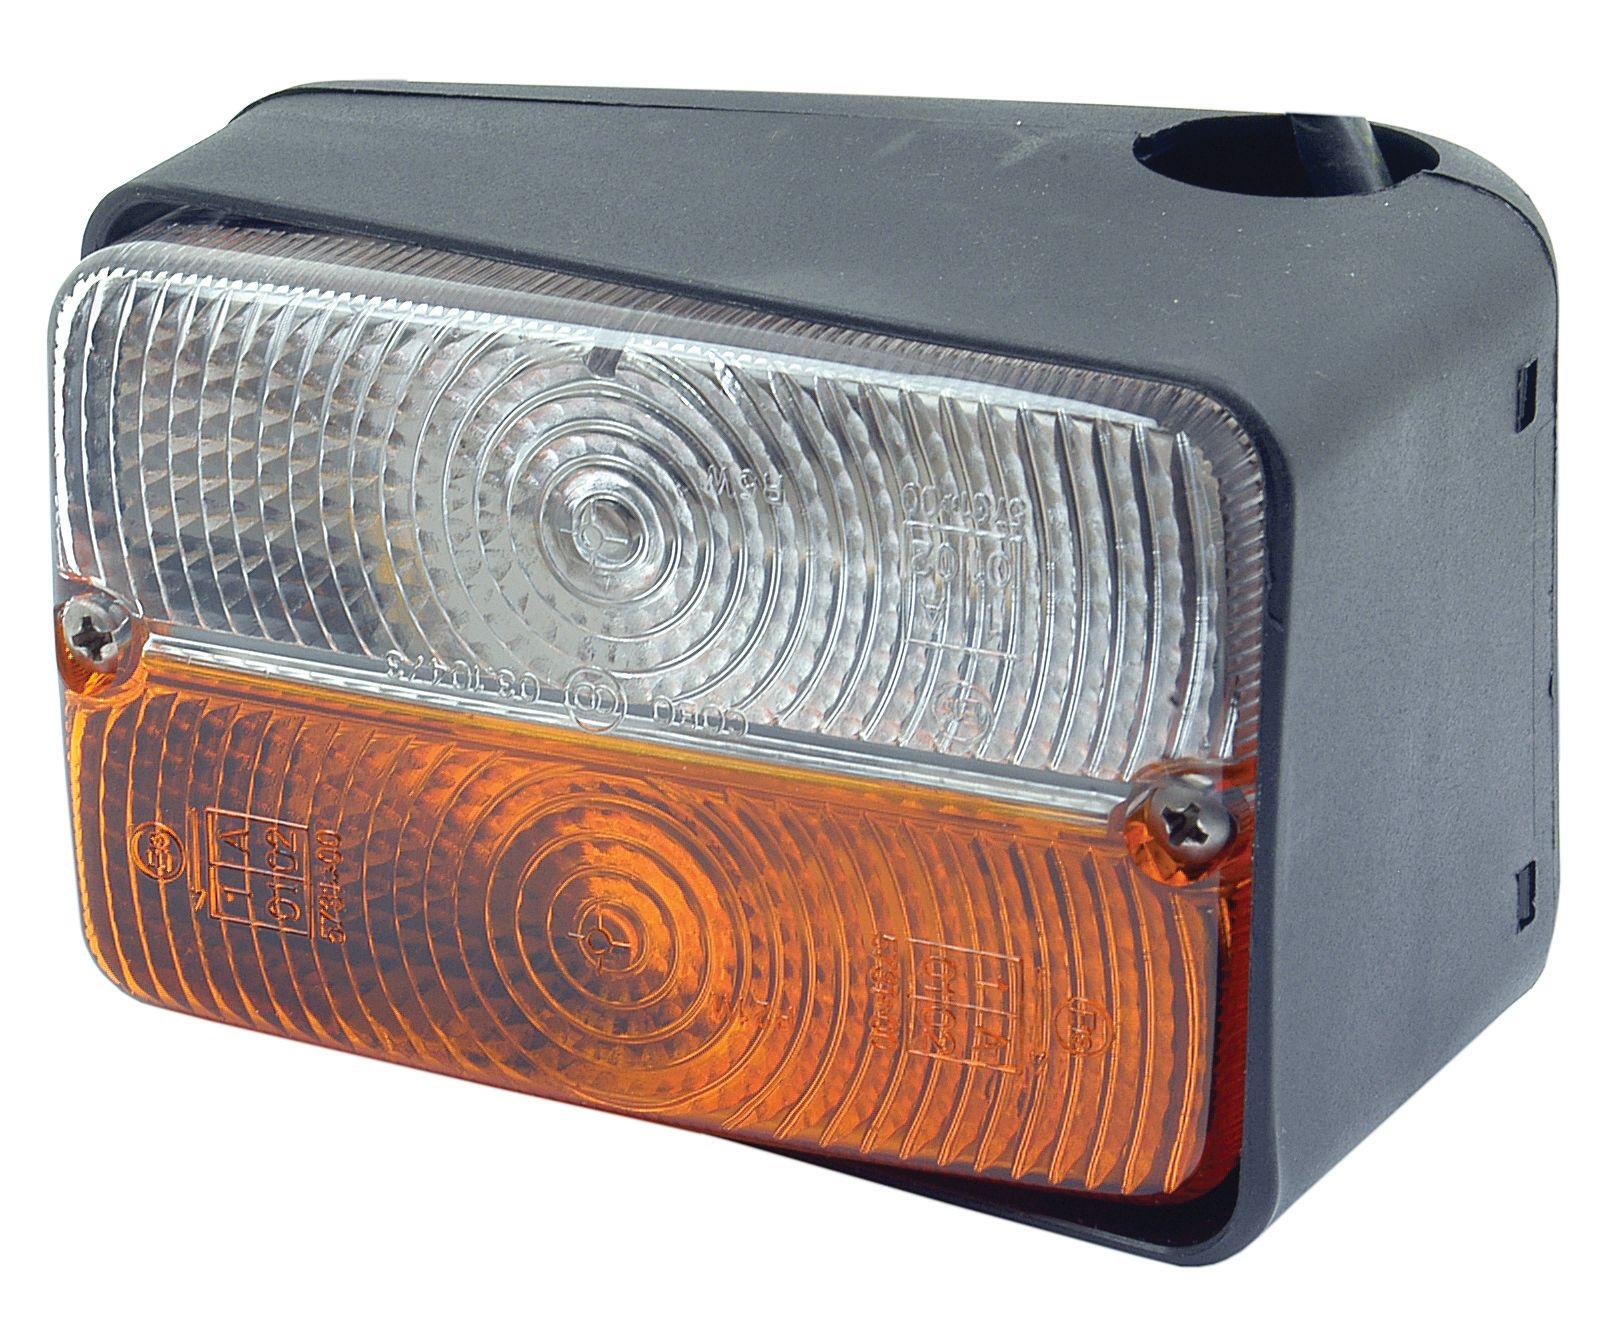 CASE IH LIGHT-FRONT-LH 56380